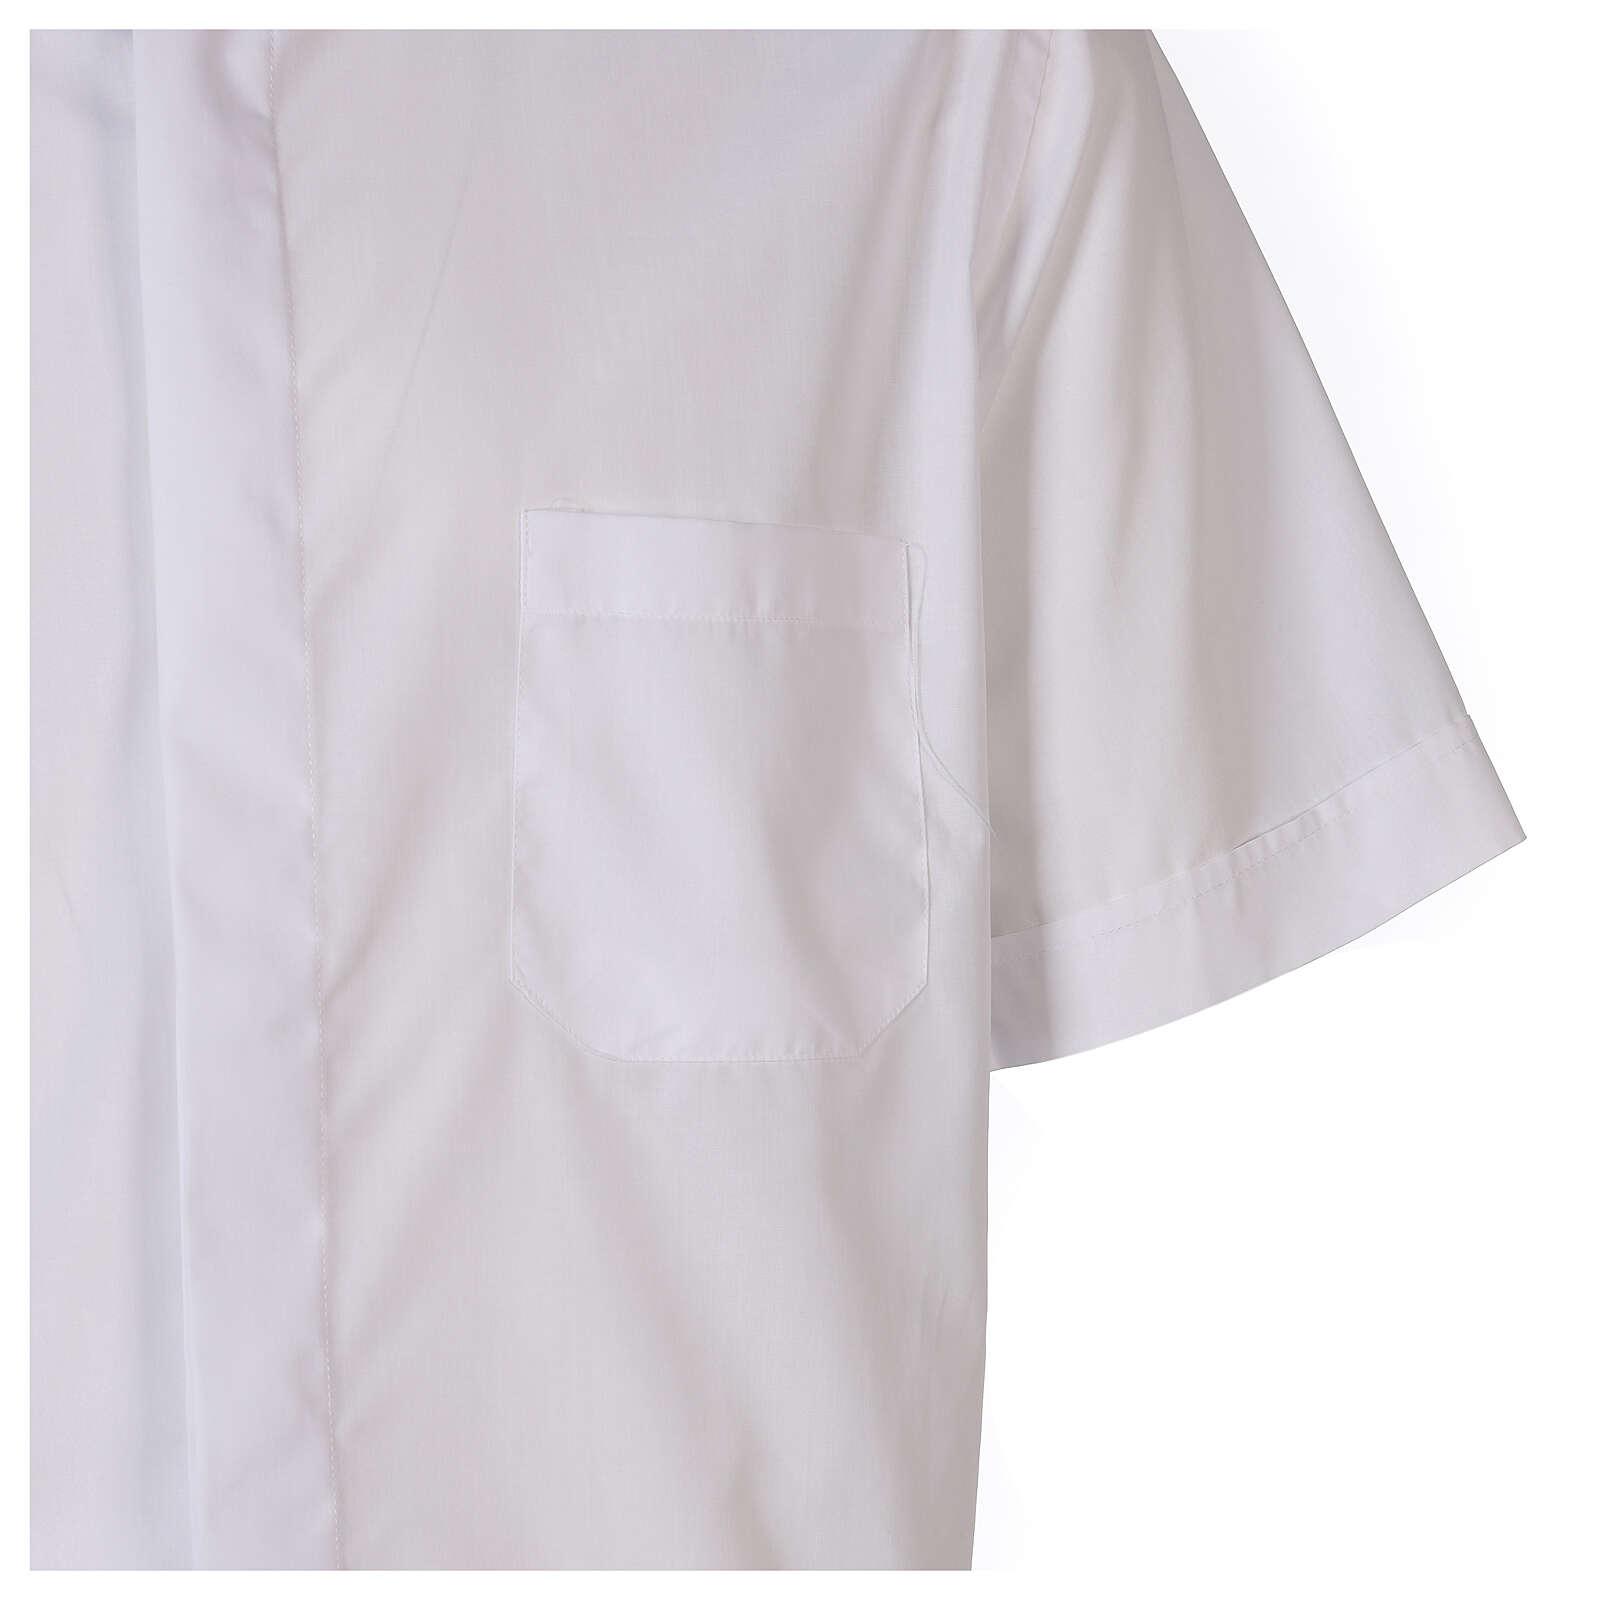 Camisa clergyman blanco de un solo color manga corta 4